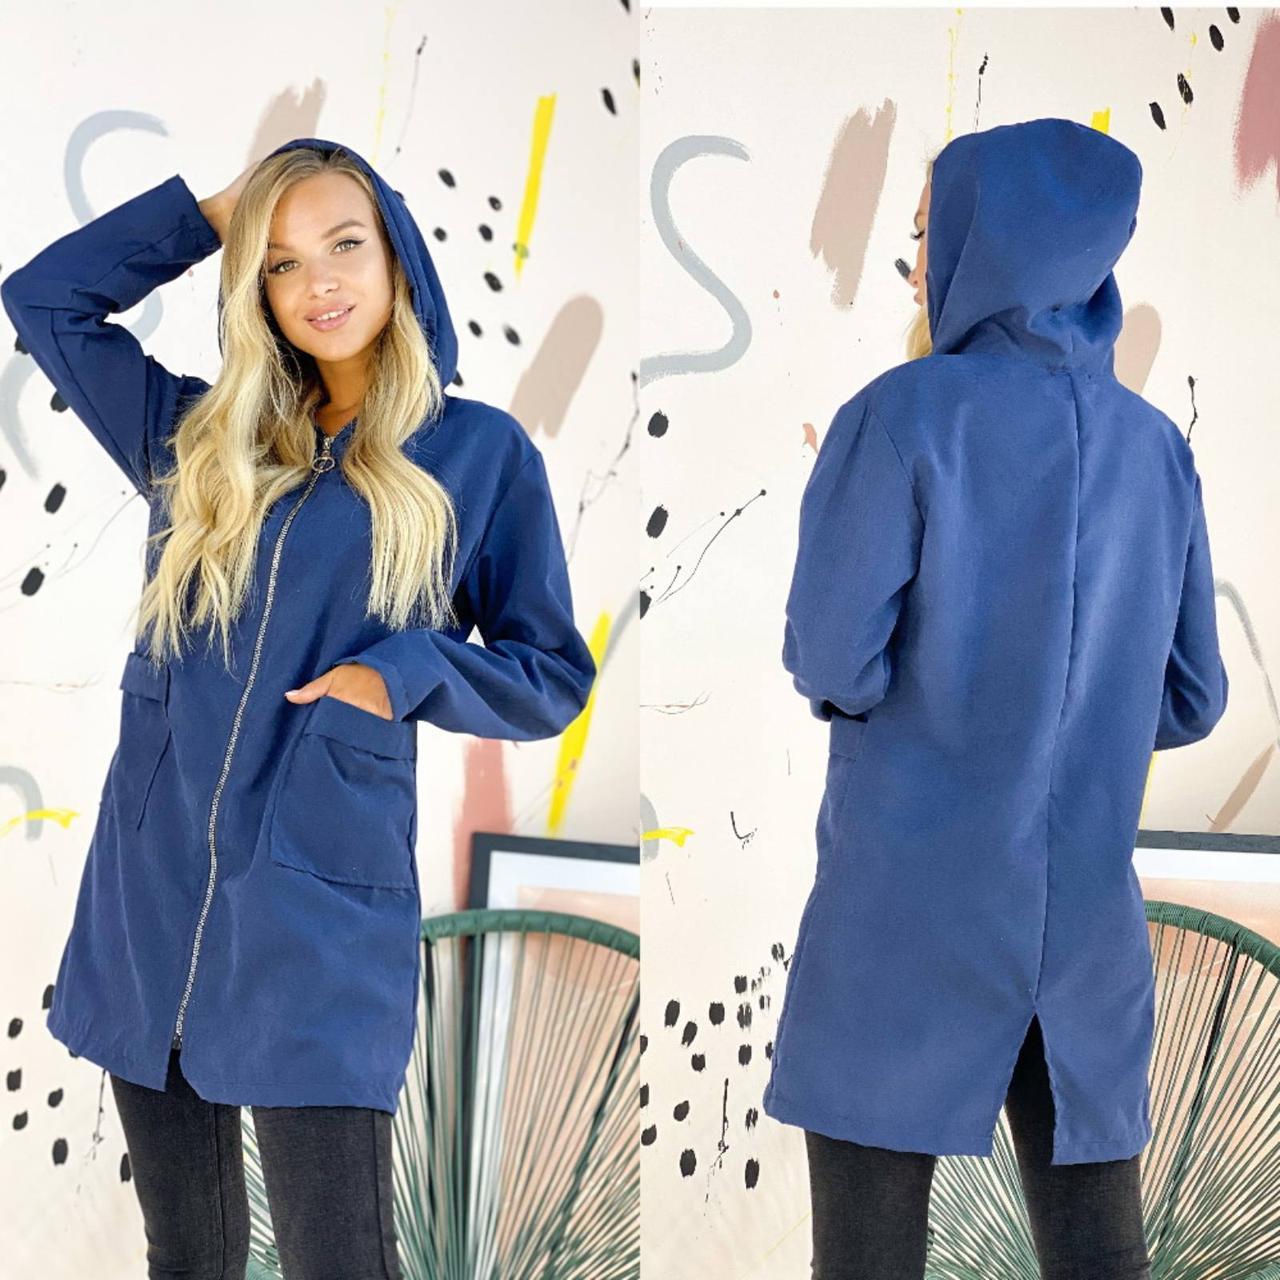 Женская удлиненная куртка, женская демисезонная куртка Синий, 50-52